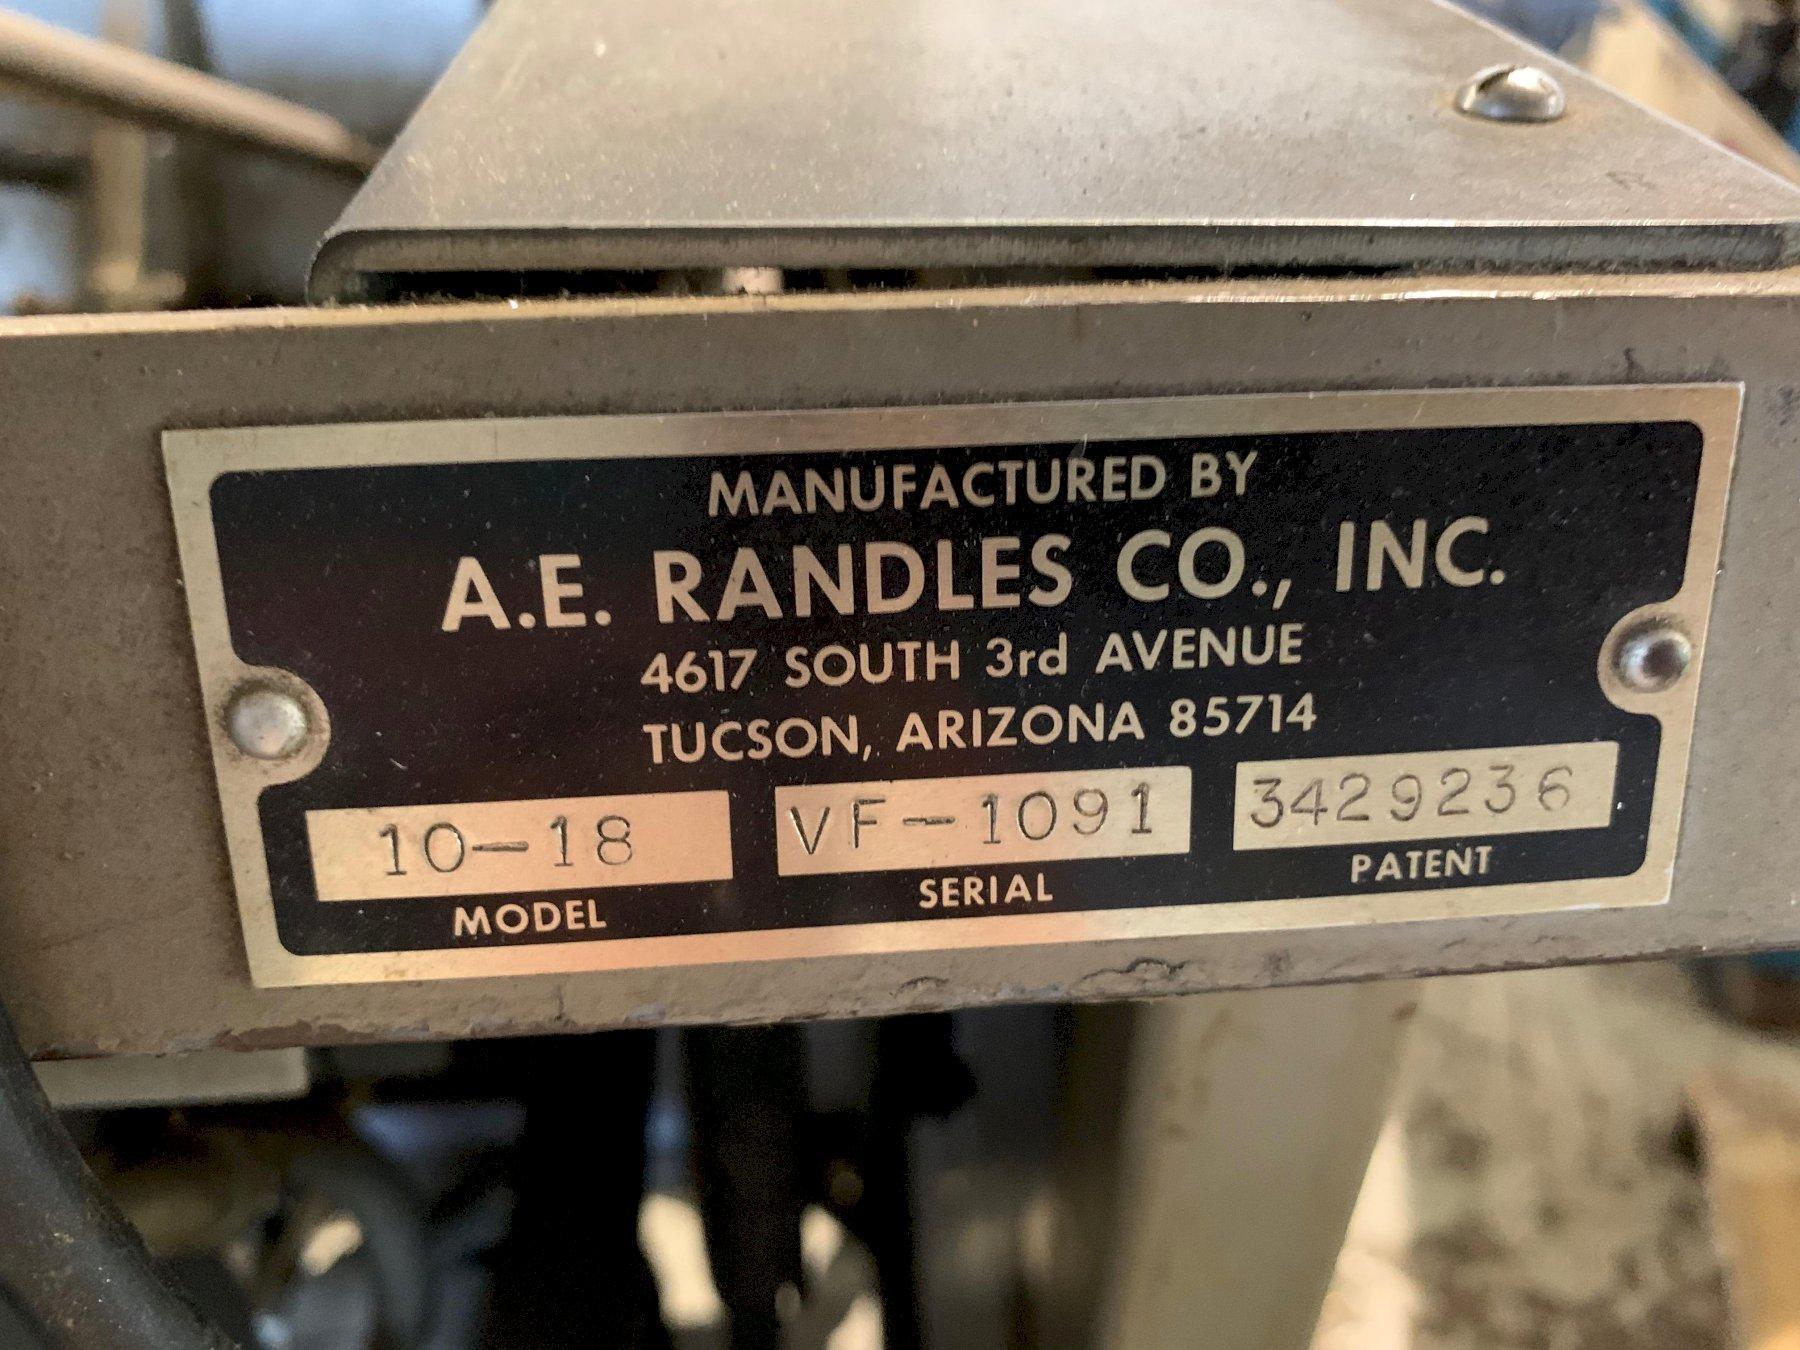 AE Randles Model 10-18 Tray & Carton Forming Machine